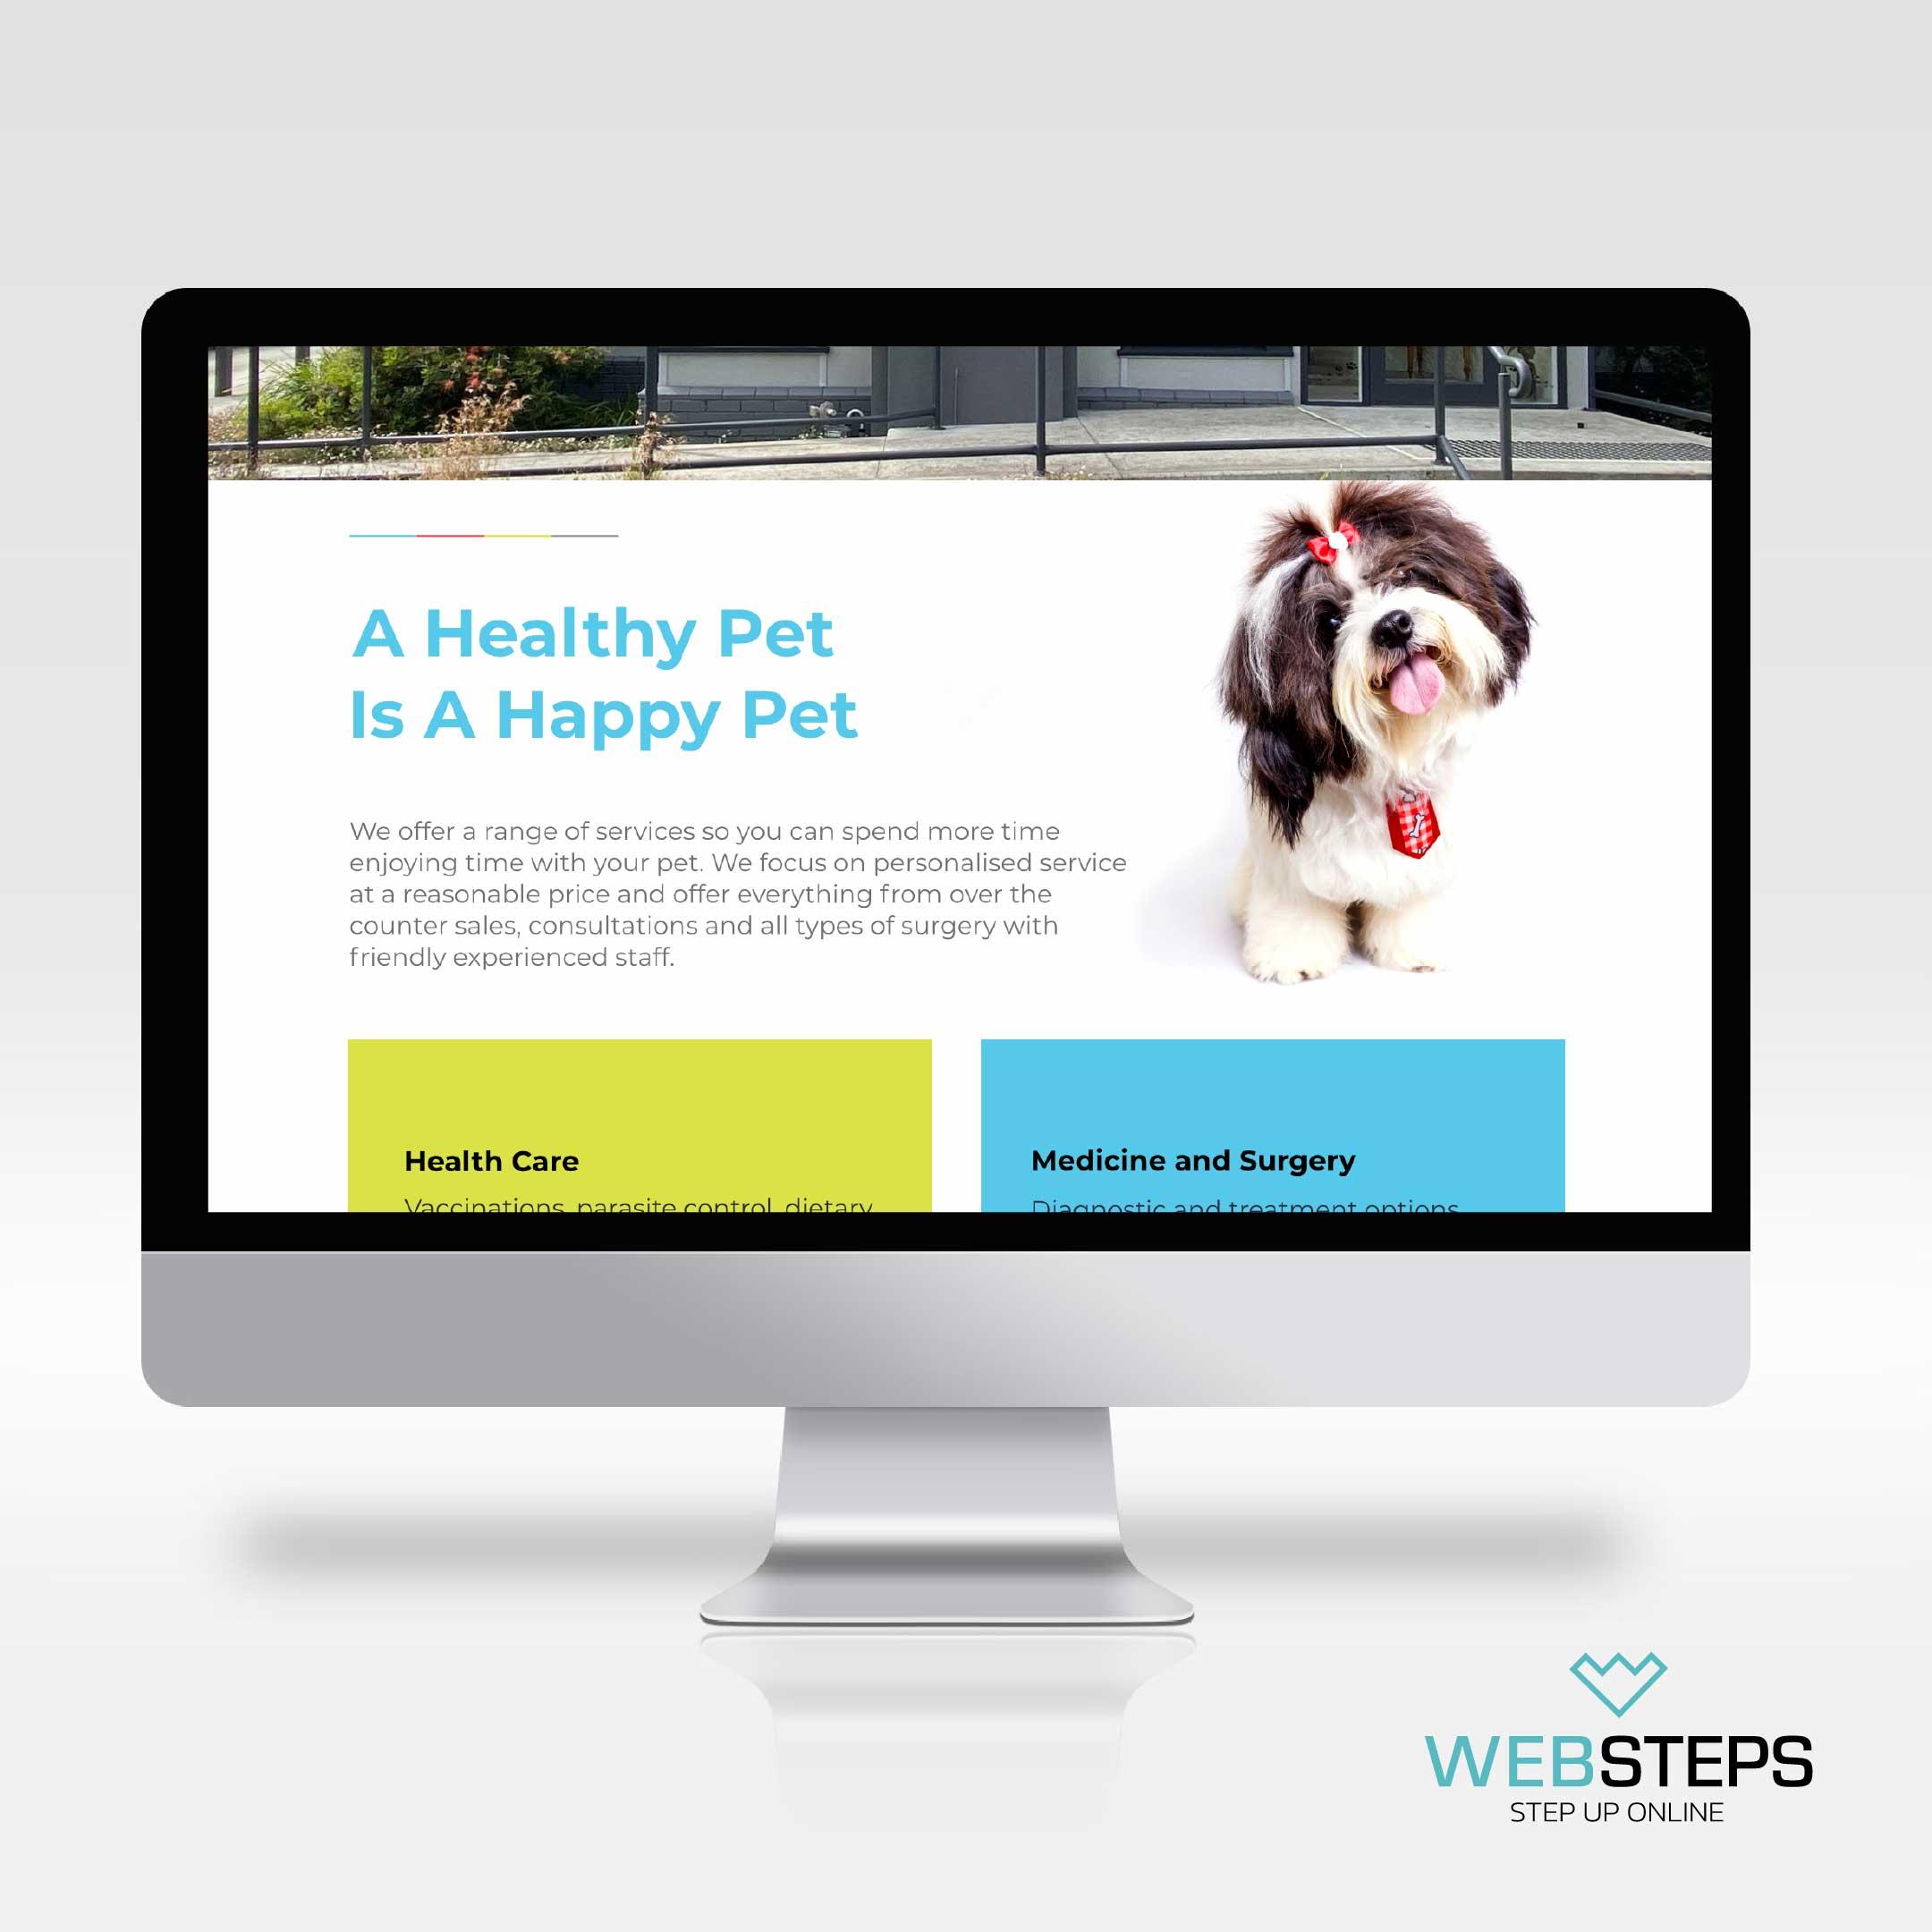 rosebud-pet-vet-web-design-websteps